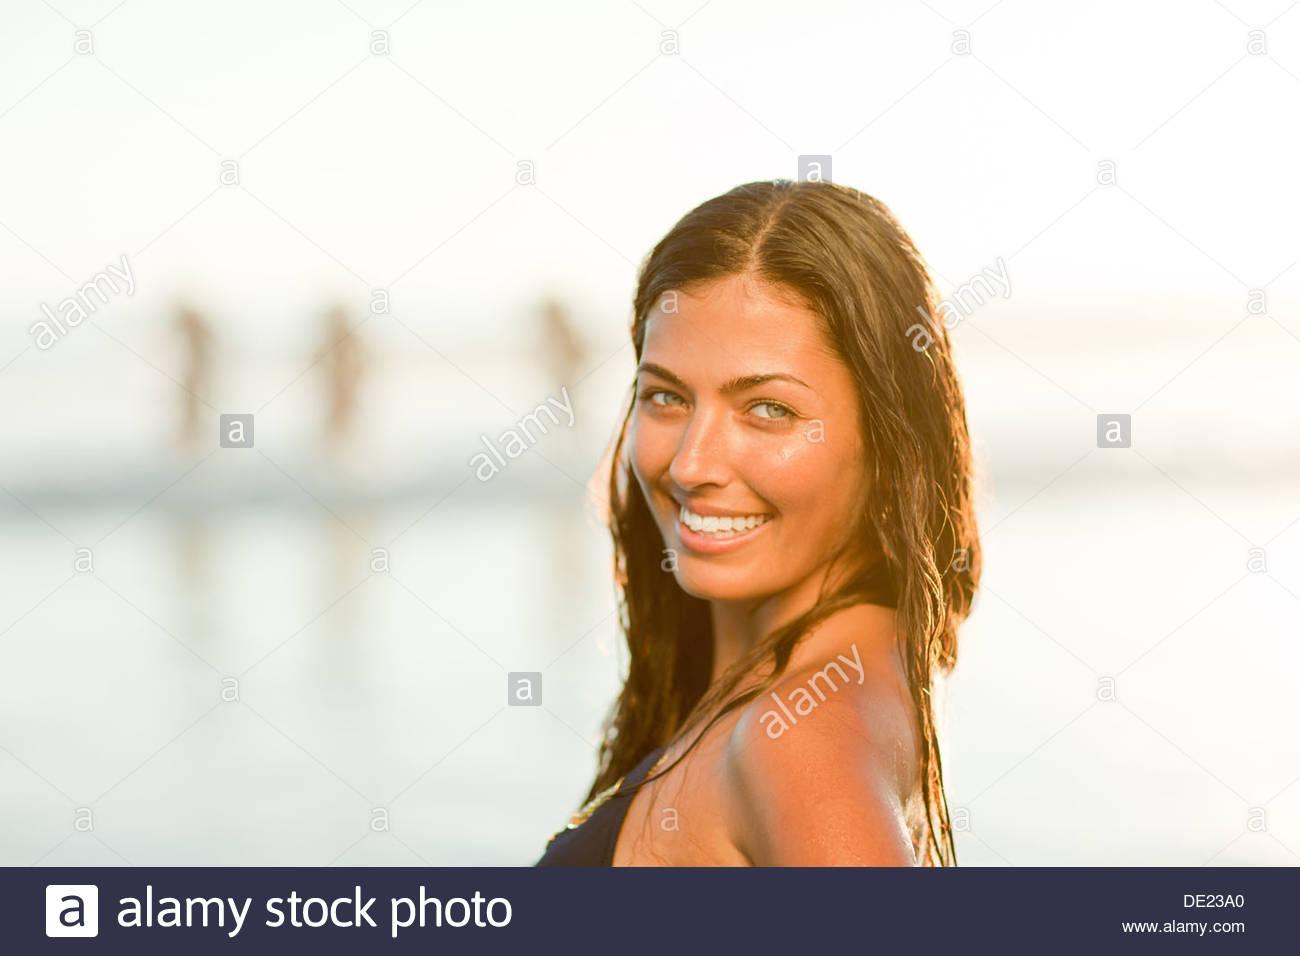 Woman wearing bikini on beach - Stock Image